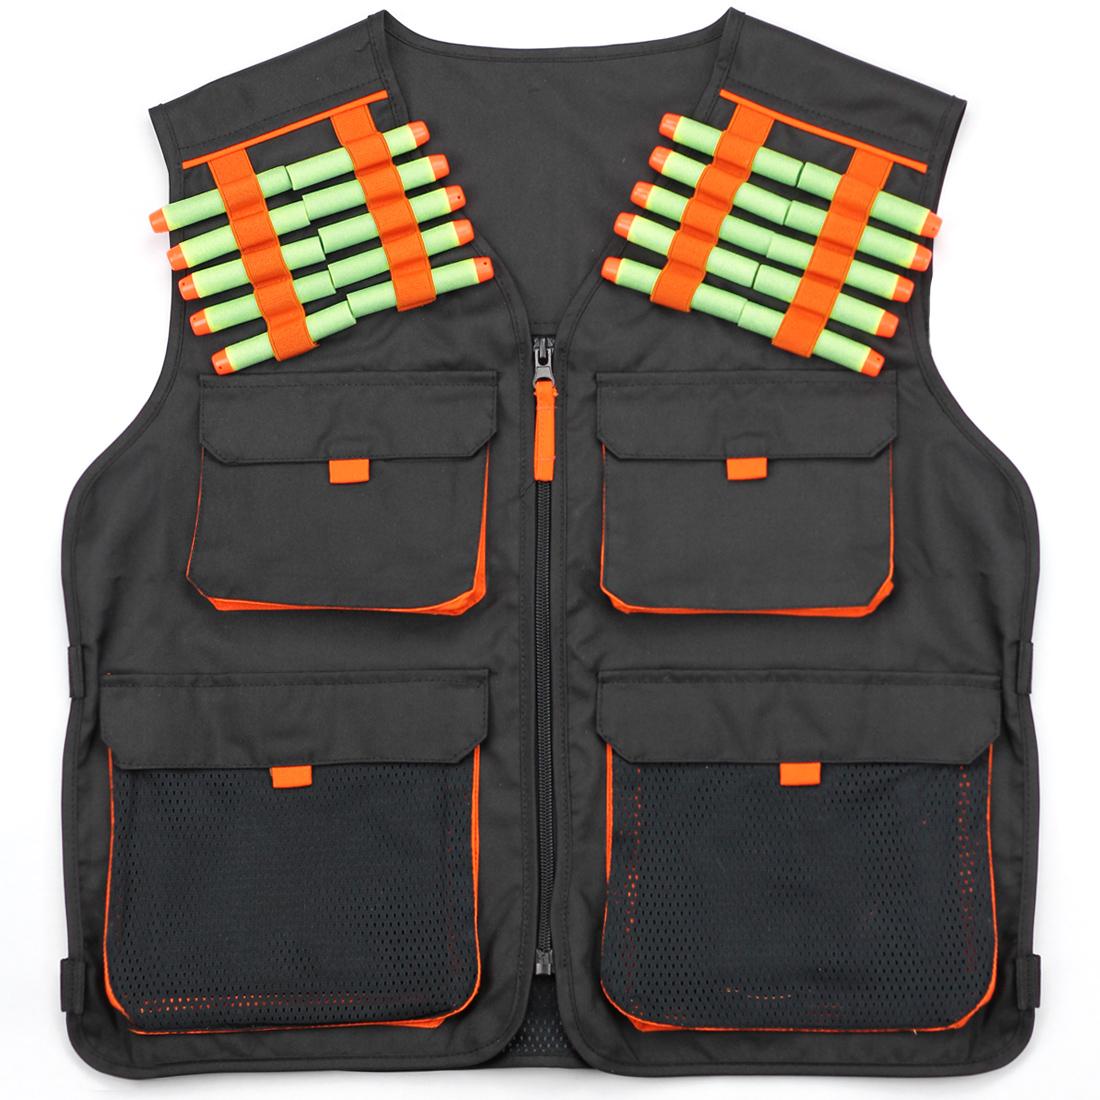 Hero Blasters Kids Tactical Nerf Vest for Nerf N-strike Elite, Mega & Rival Balls for Boys Kids